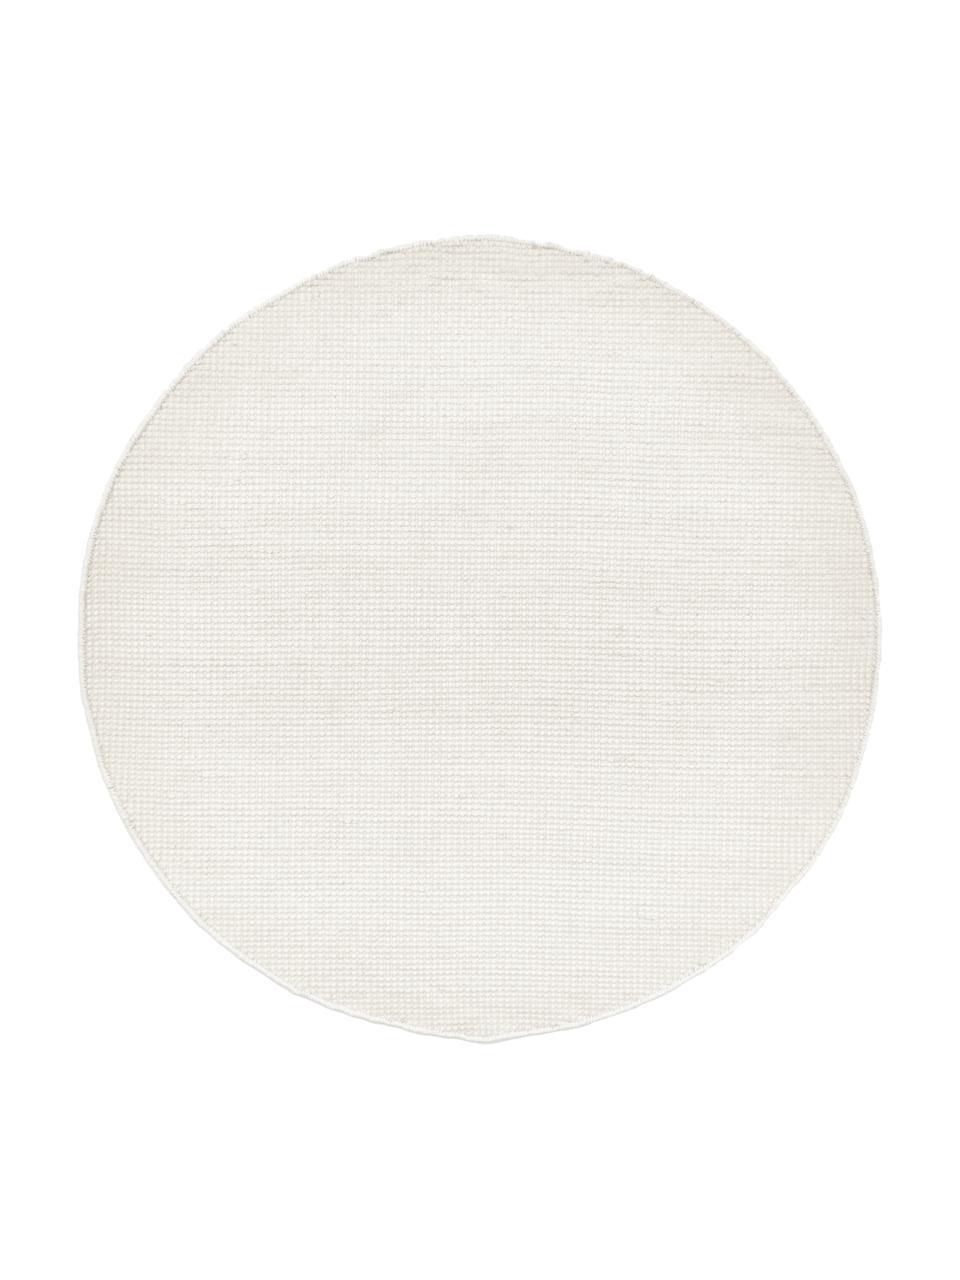 Runder Wollteppich Amaro in Creme, handgewebt, Flor: 100% Wolle, Cremeweiss, Ø 140 cm (Grösse M)